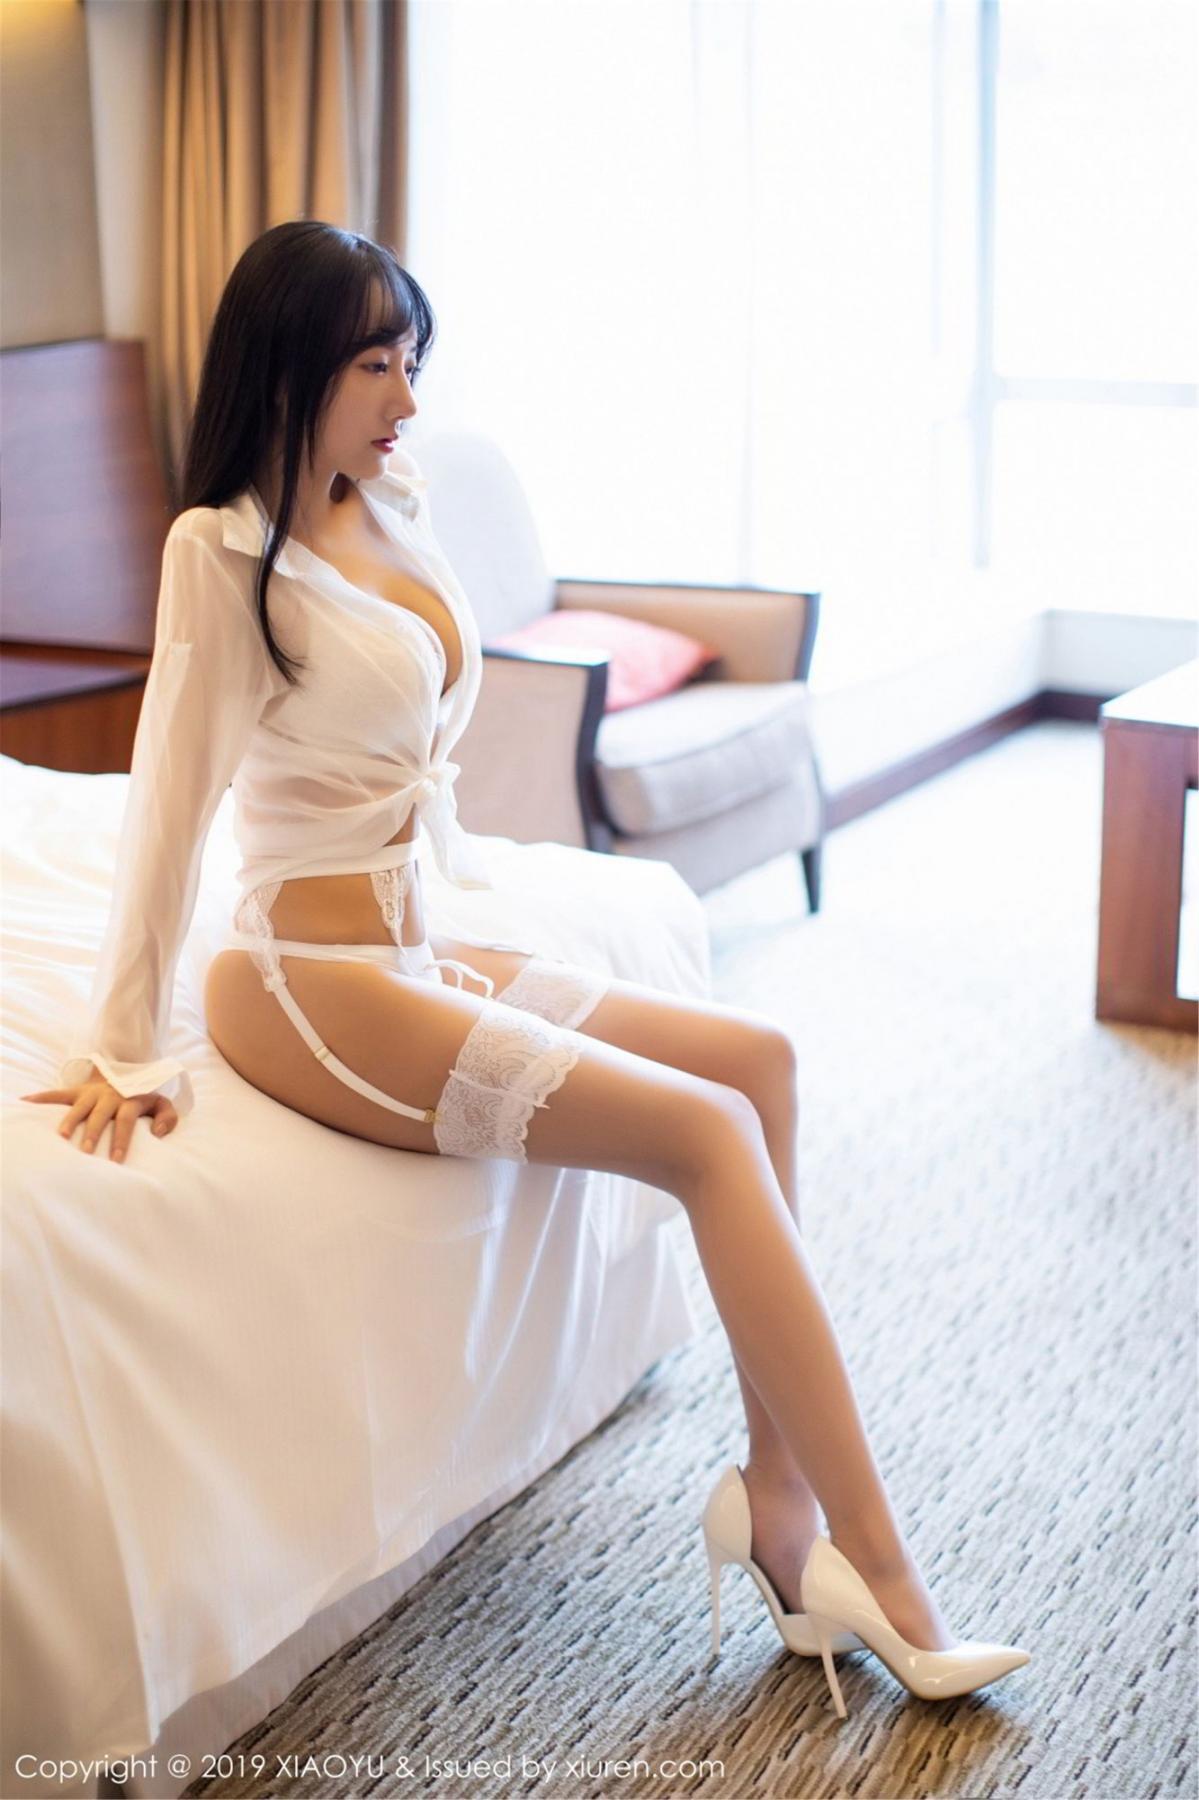 [XiaoYu] Vol.076 He Jia Ying 10P, He Jia Ying, Underwear, XiaoYu